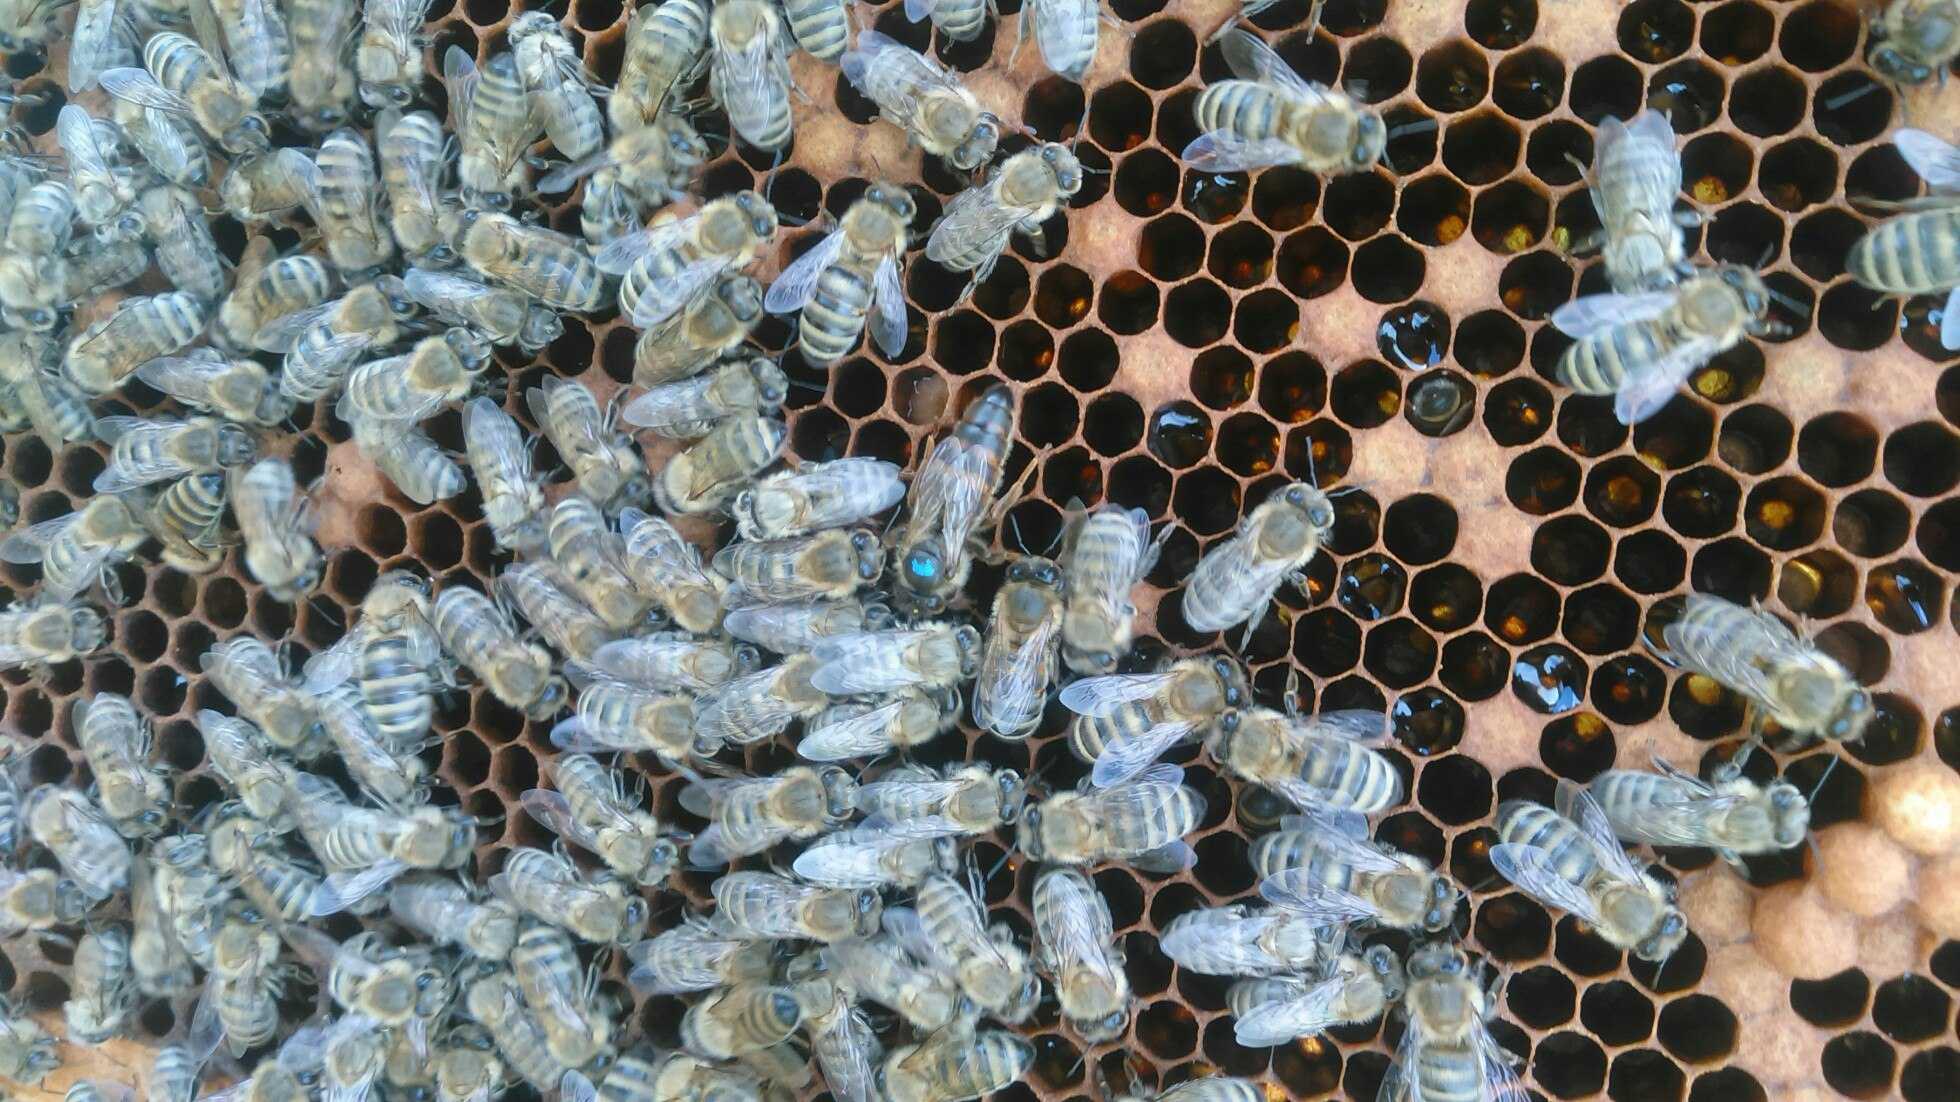 Про мёд, и не только... 0562326001490849152